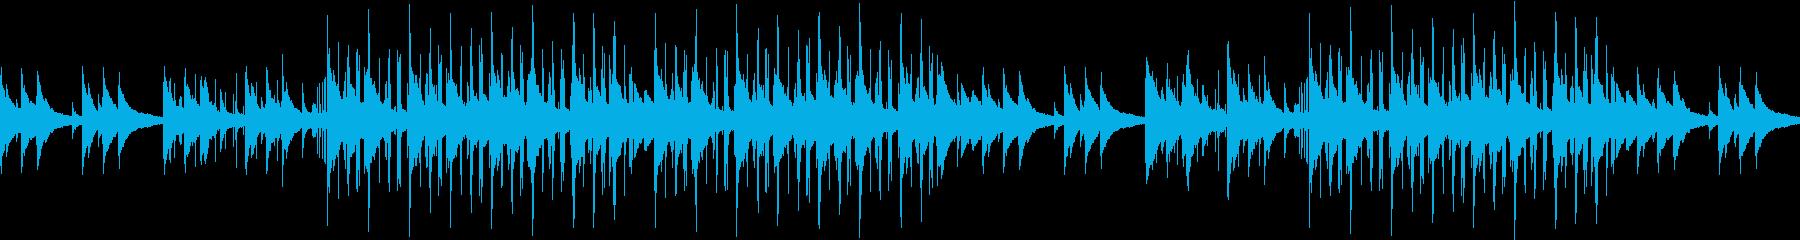 チルアウト・ローファイ・切ない・ピアノの再生済みの波形